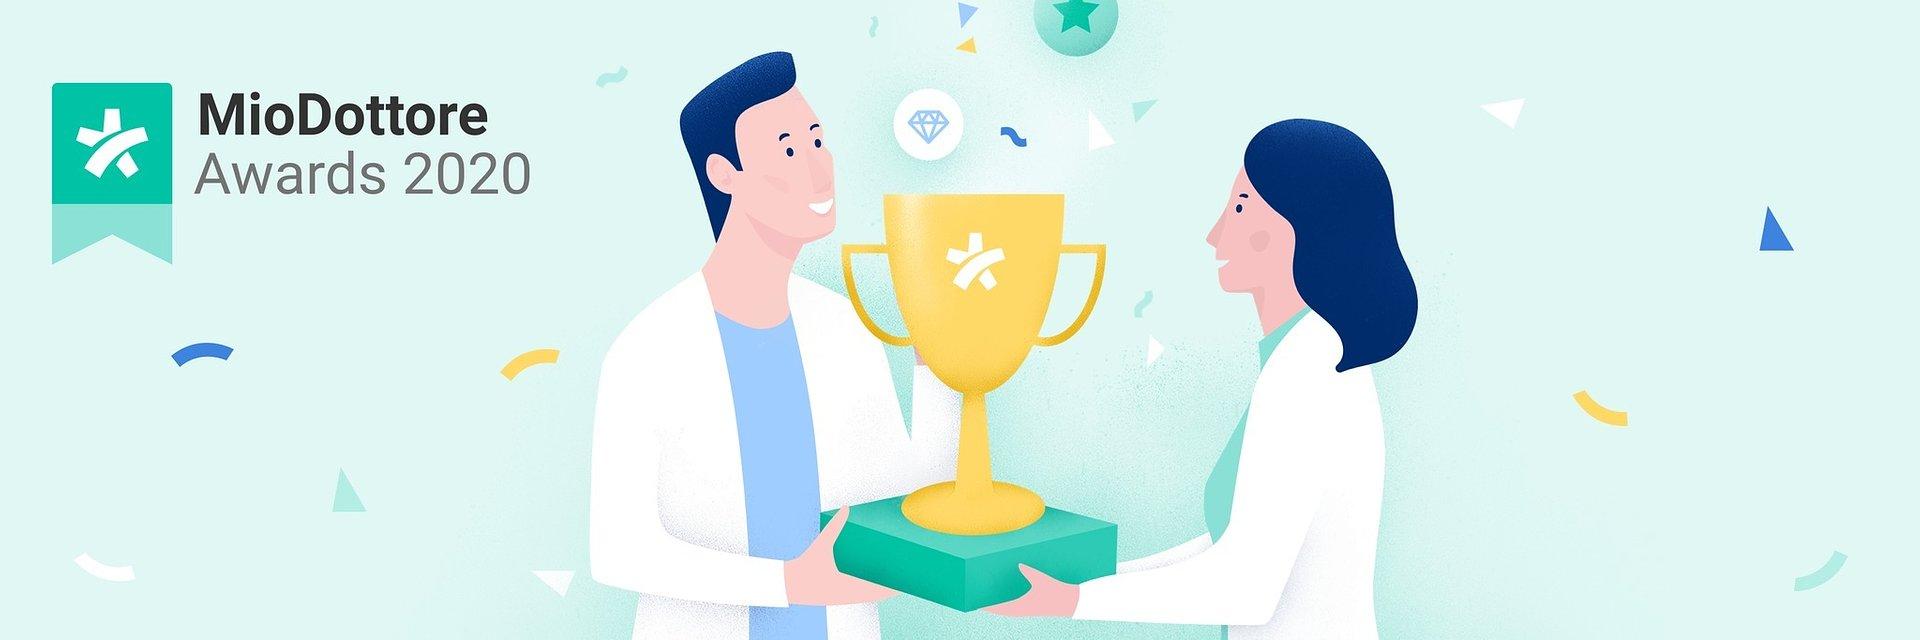 MioDottore Awards 2020: al via la terza edizione italiana dei premi dedicati ai professionisti della salute più apprezzati da colleghi e pazienti